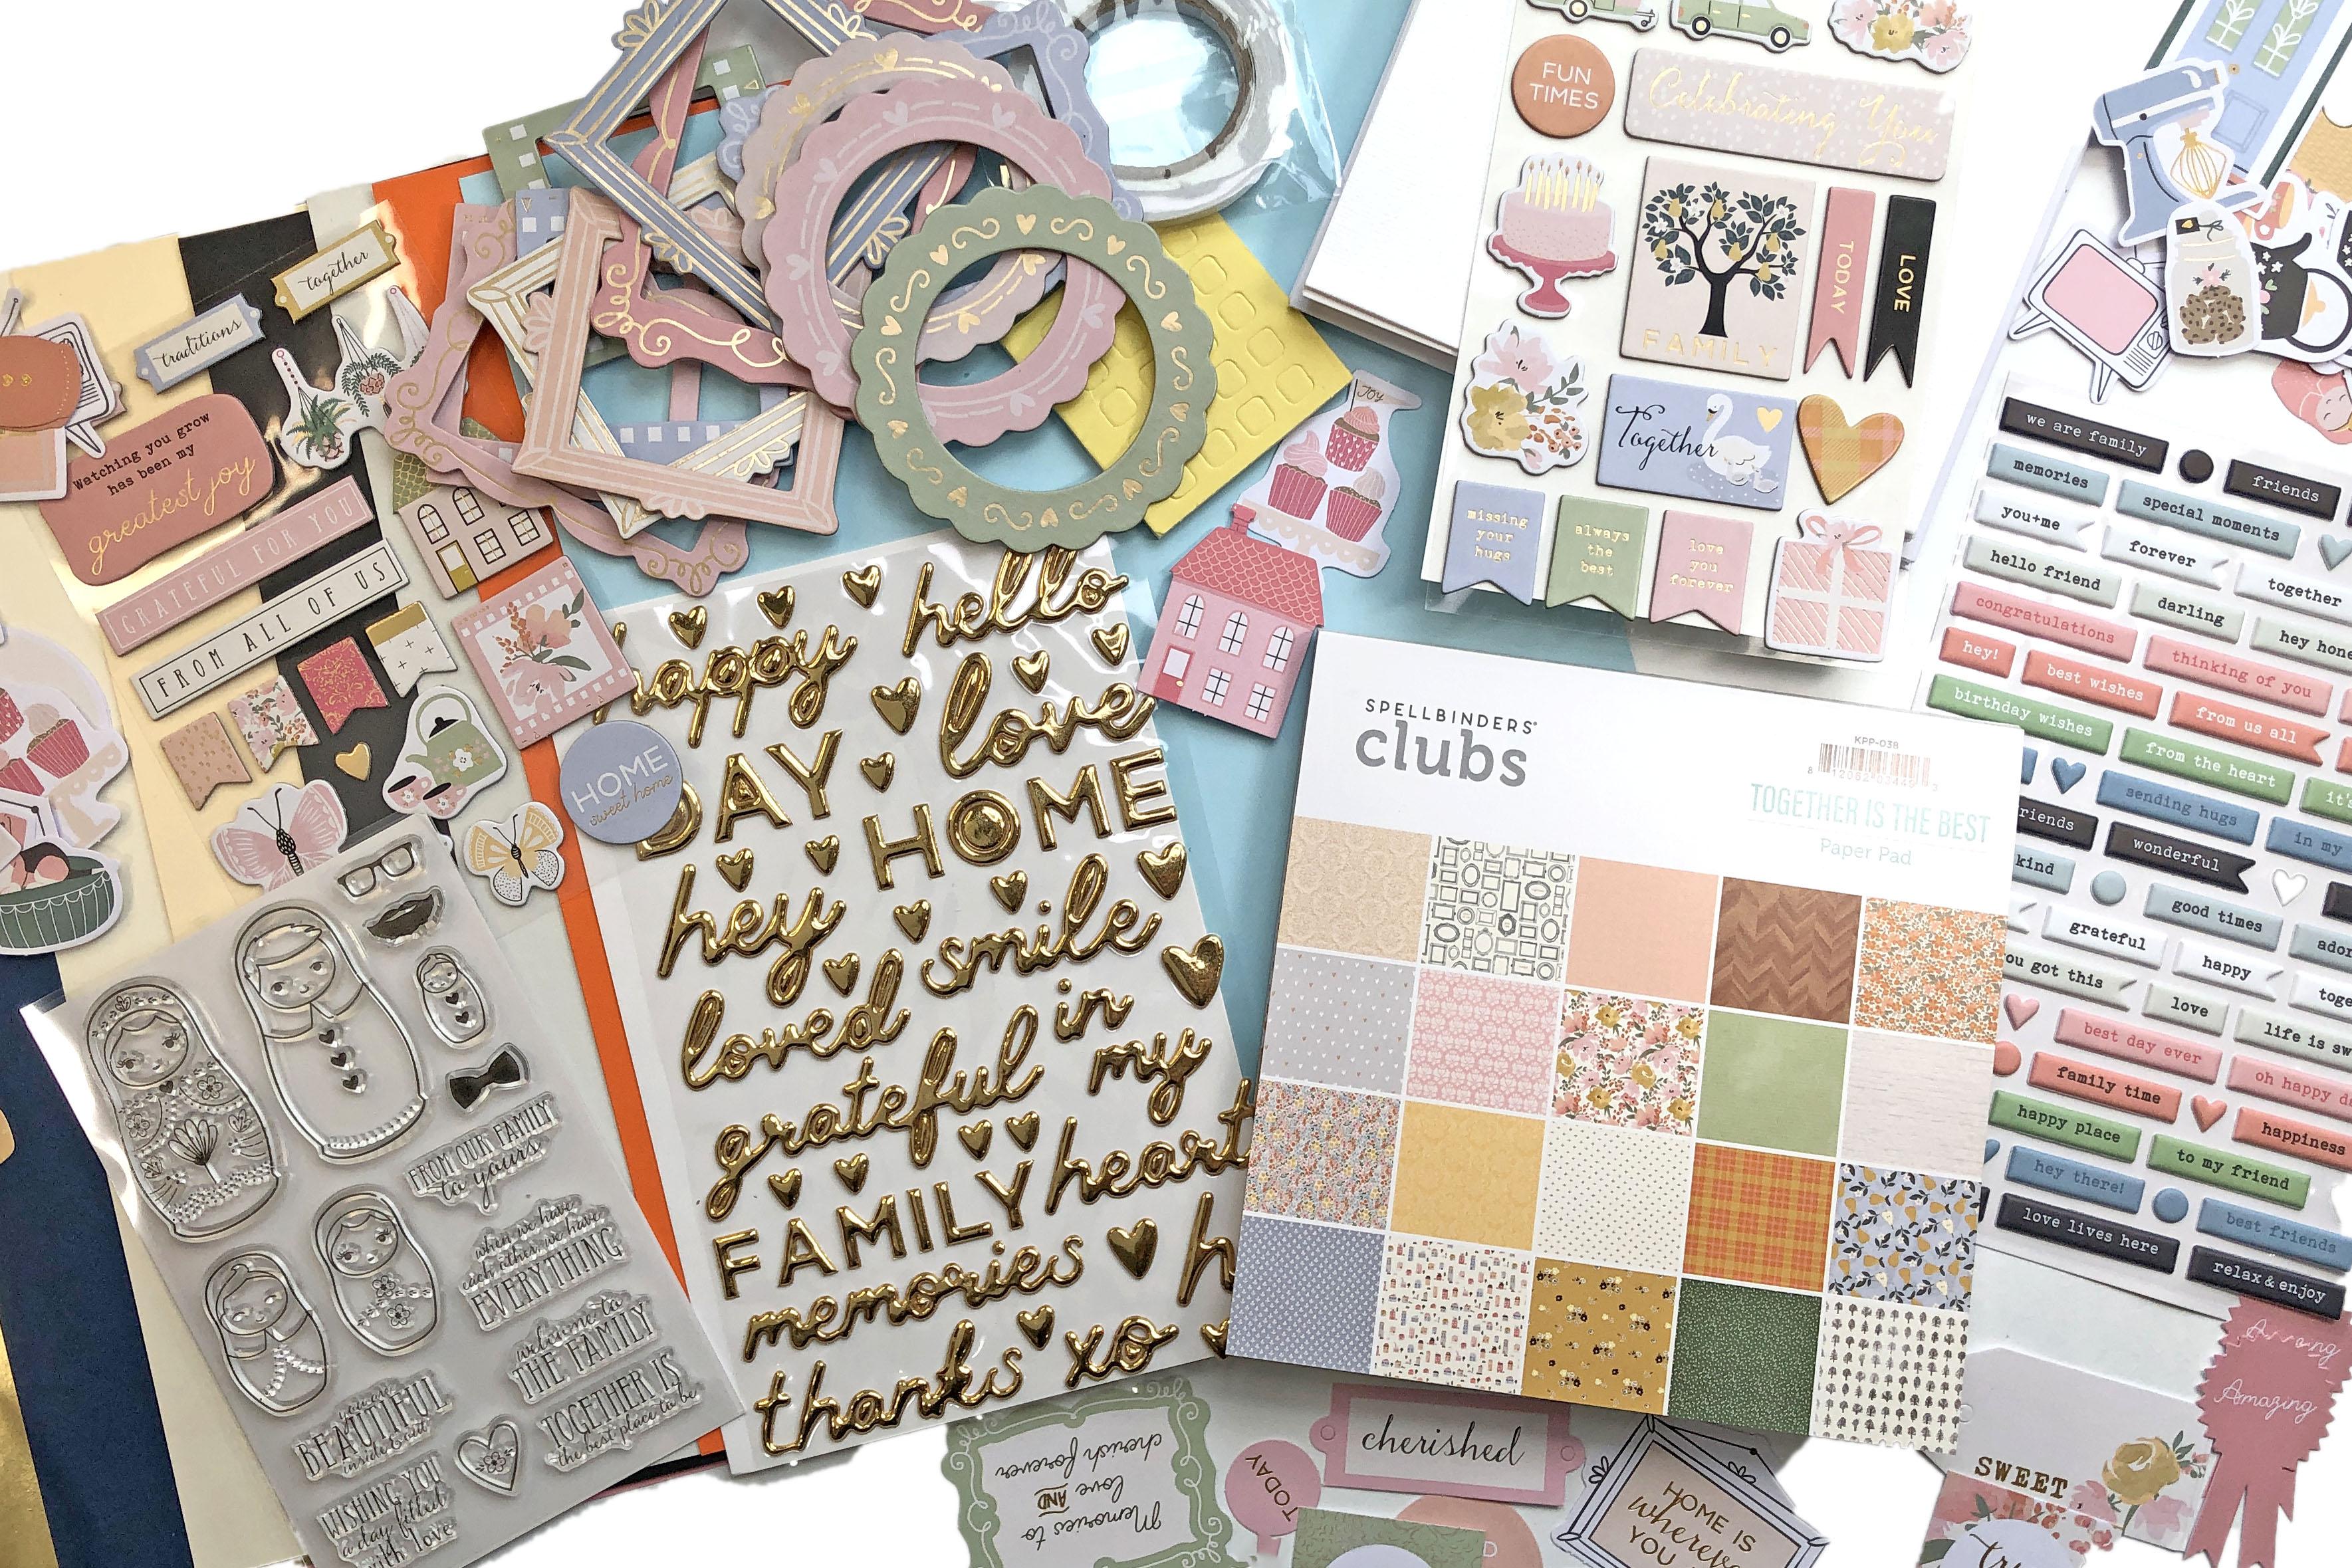 Spellbinders September 2021 Card Kit - 15 Cards 1 Kit